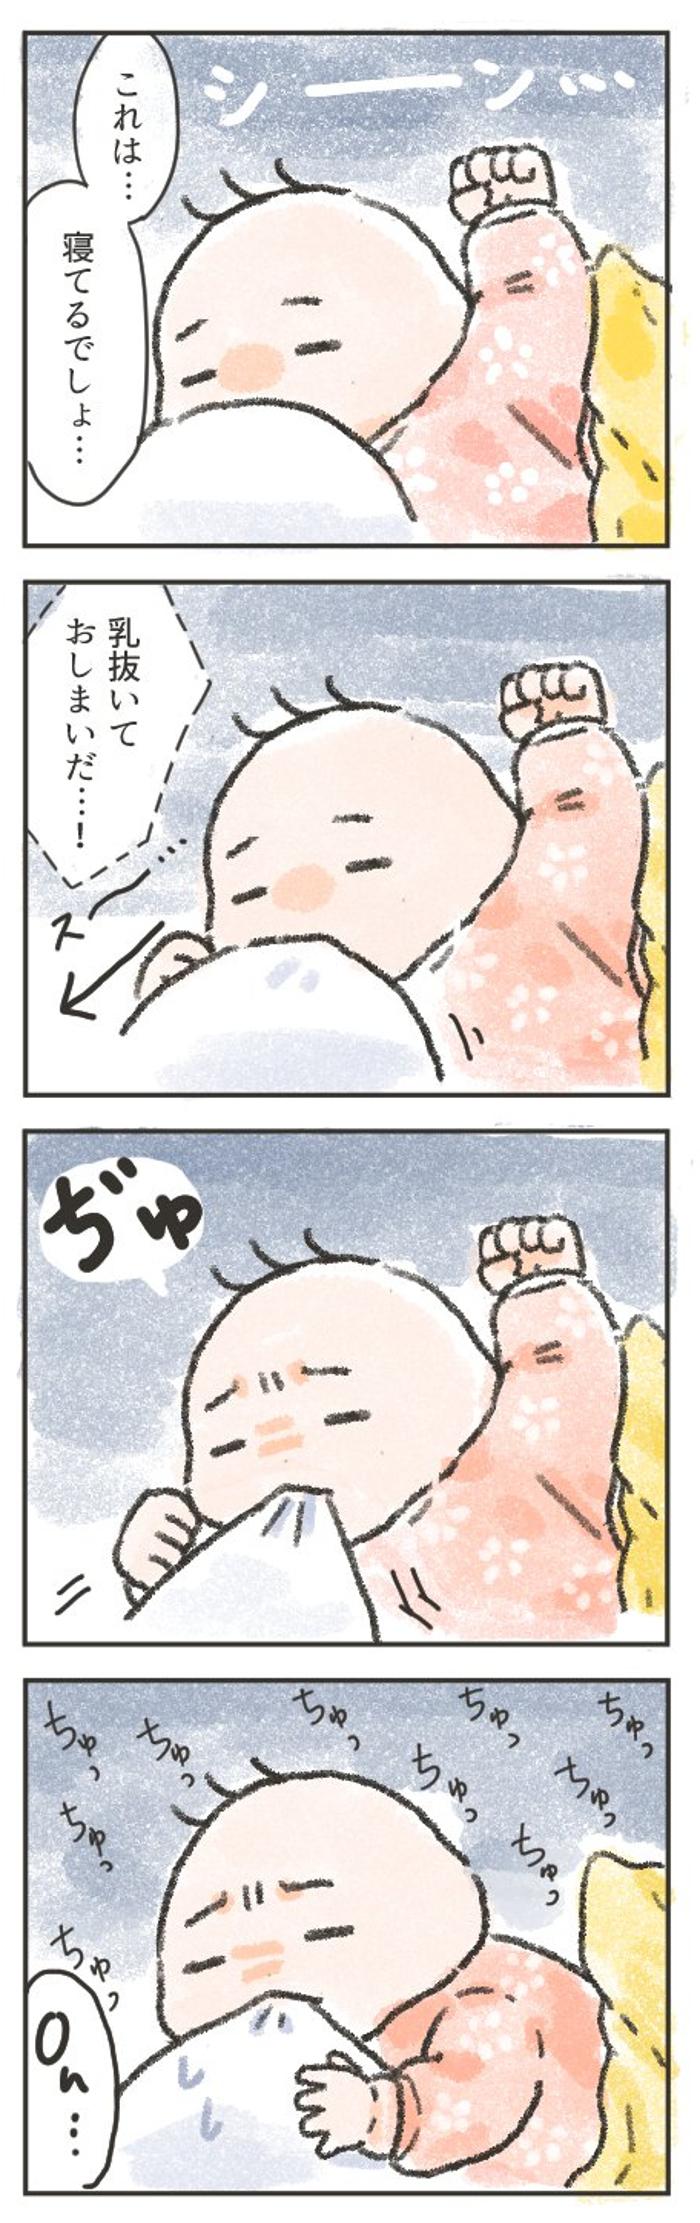 寝ない、食べない、寝返らない…。そんなとき、私は想像するのです…(涙)の画像7